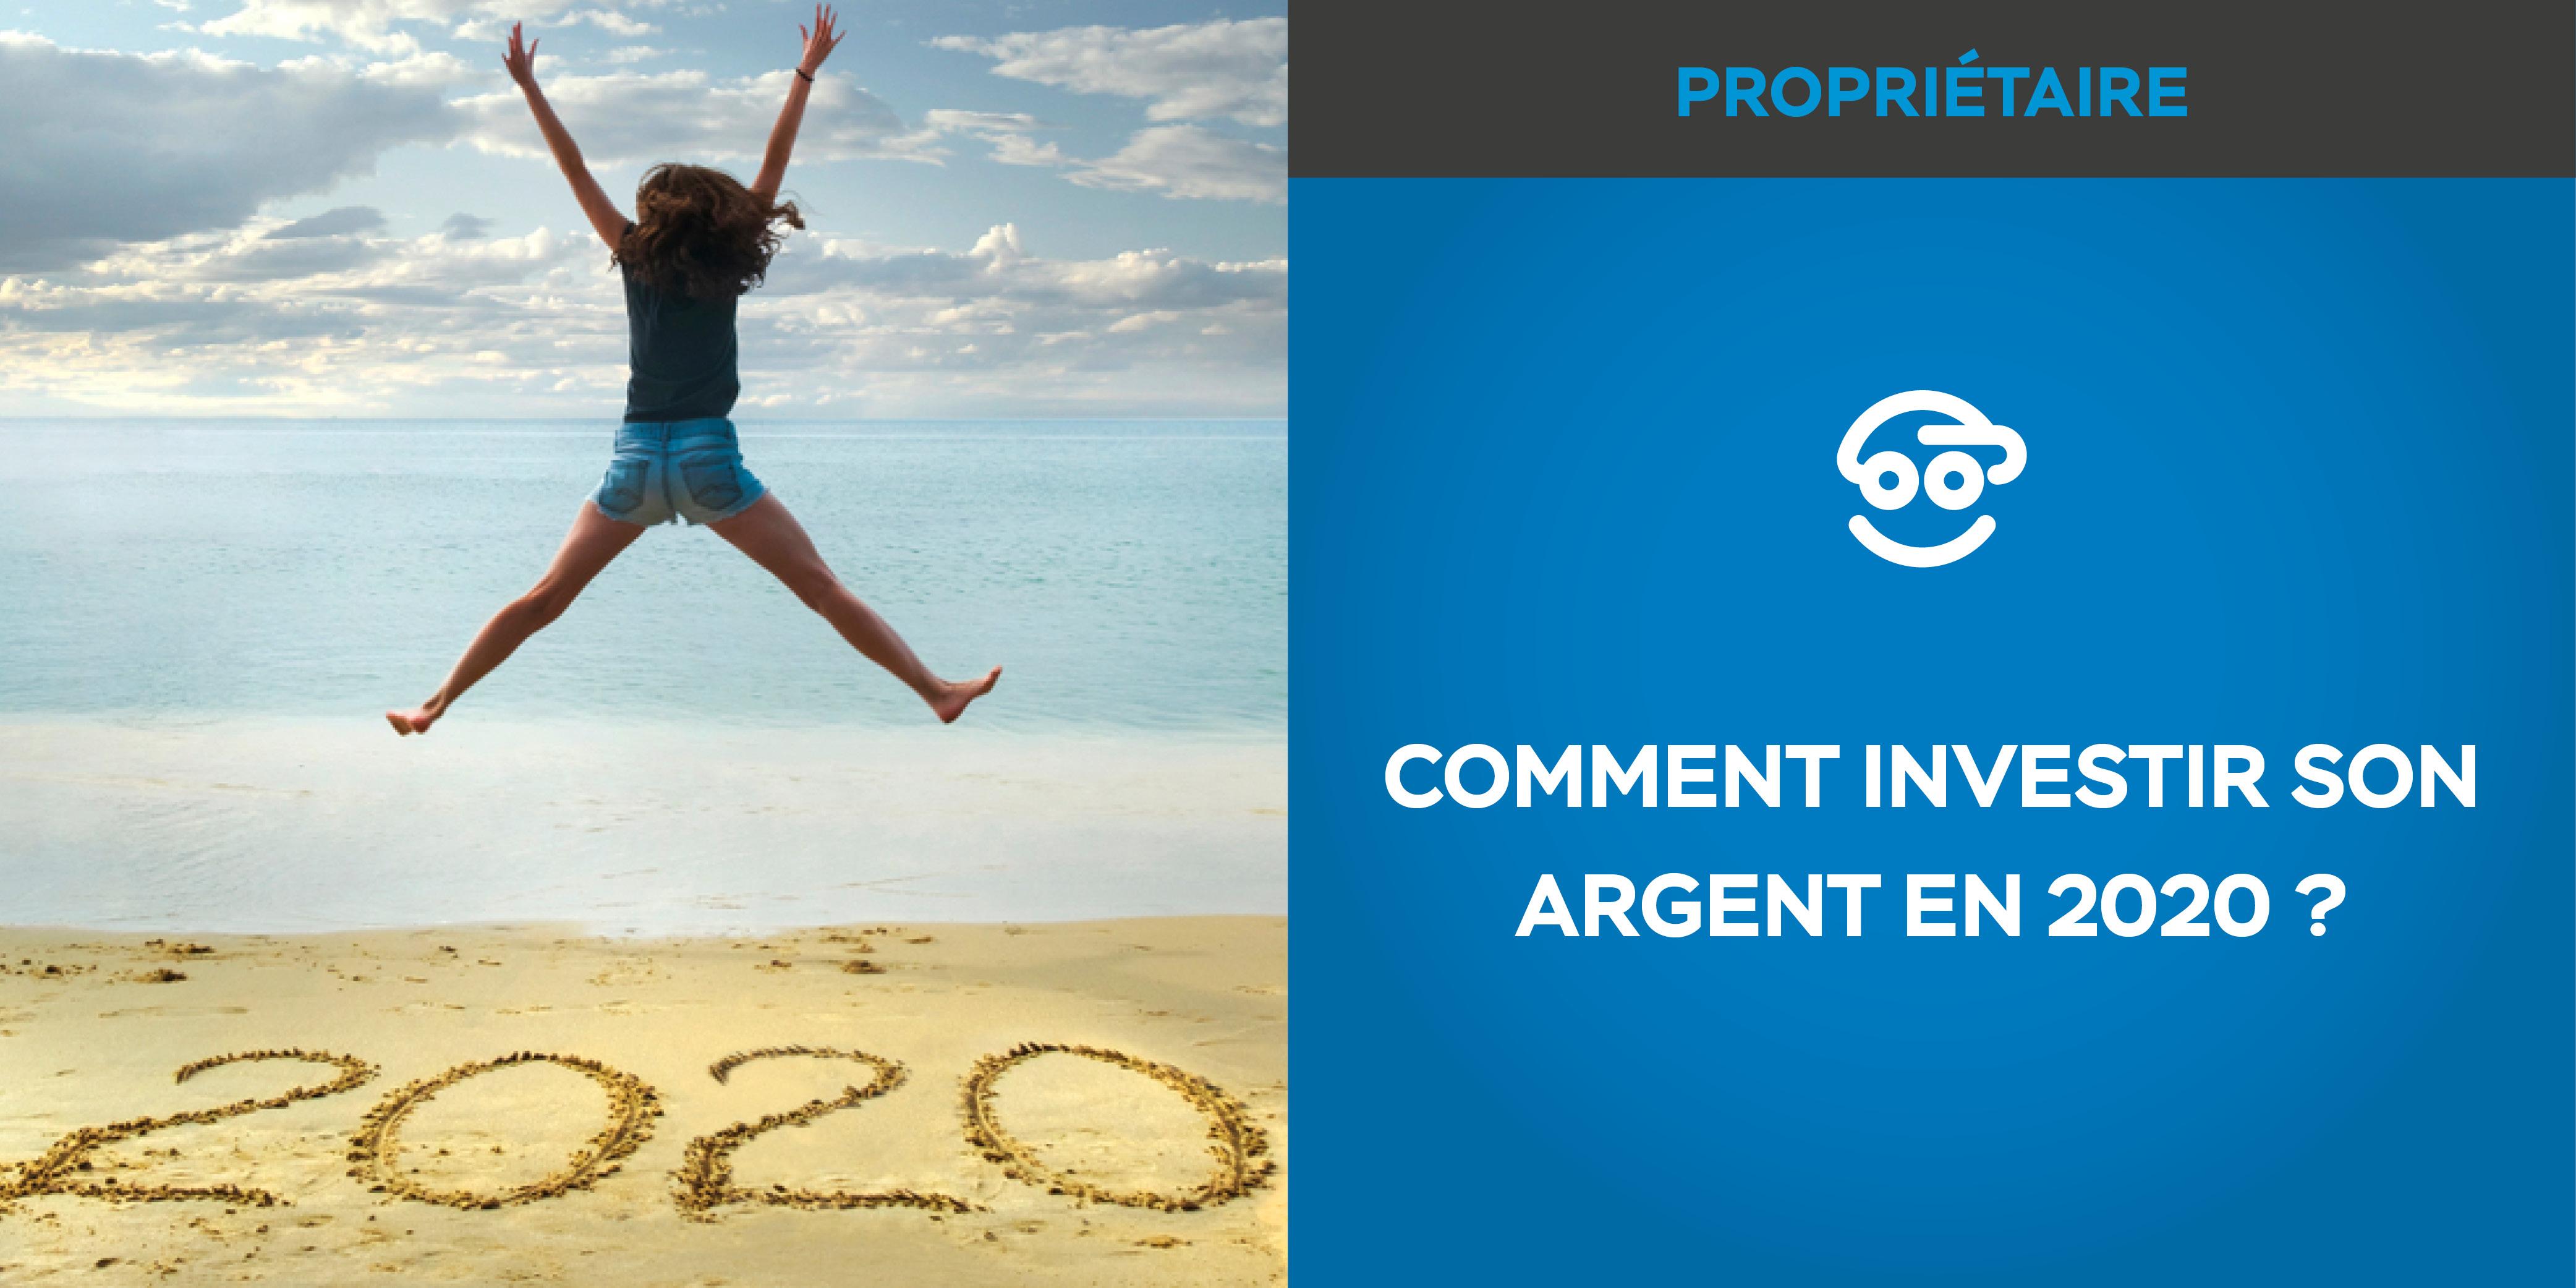 COMMENT INVESTIR SON ARGENT EN 2020 ? NOS CONSEILS !